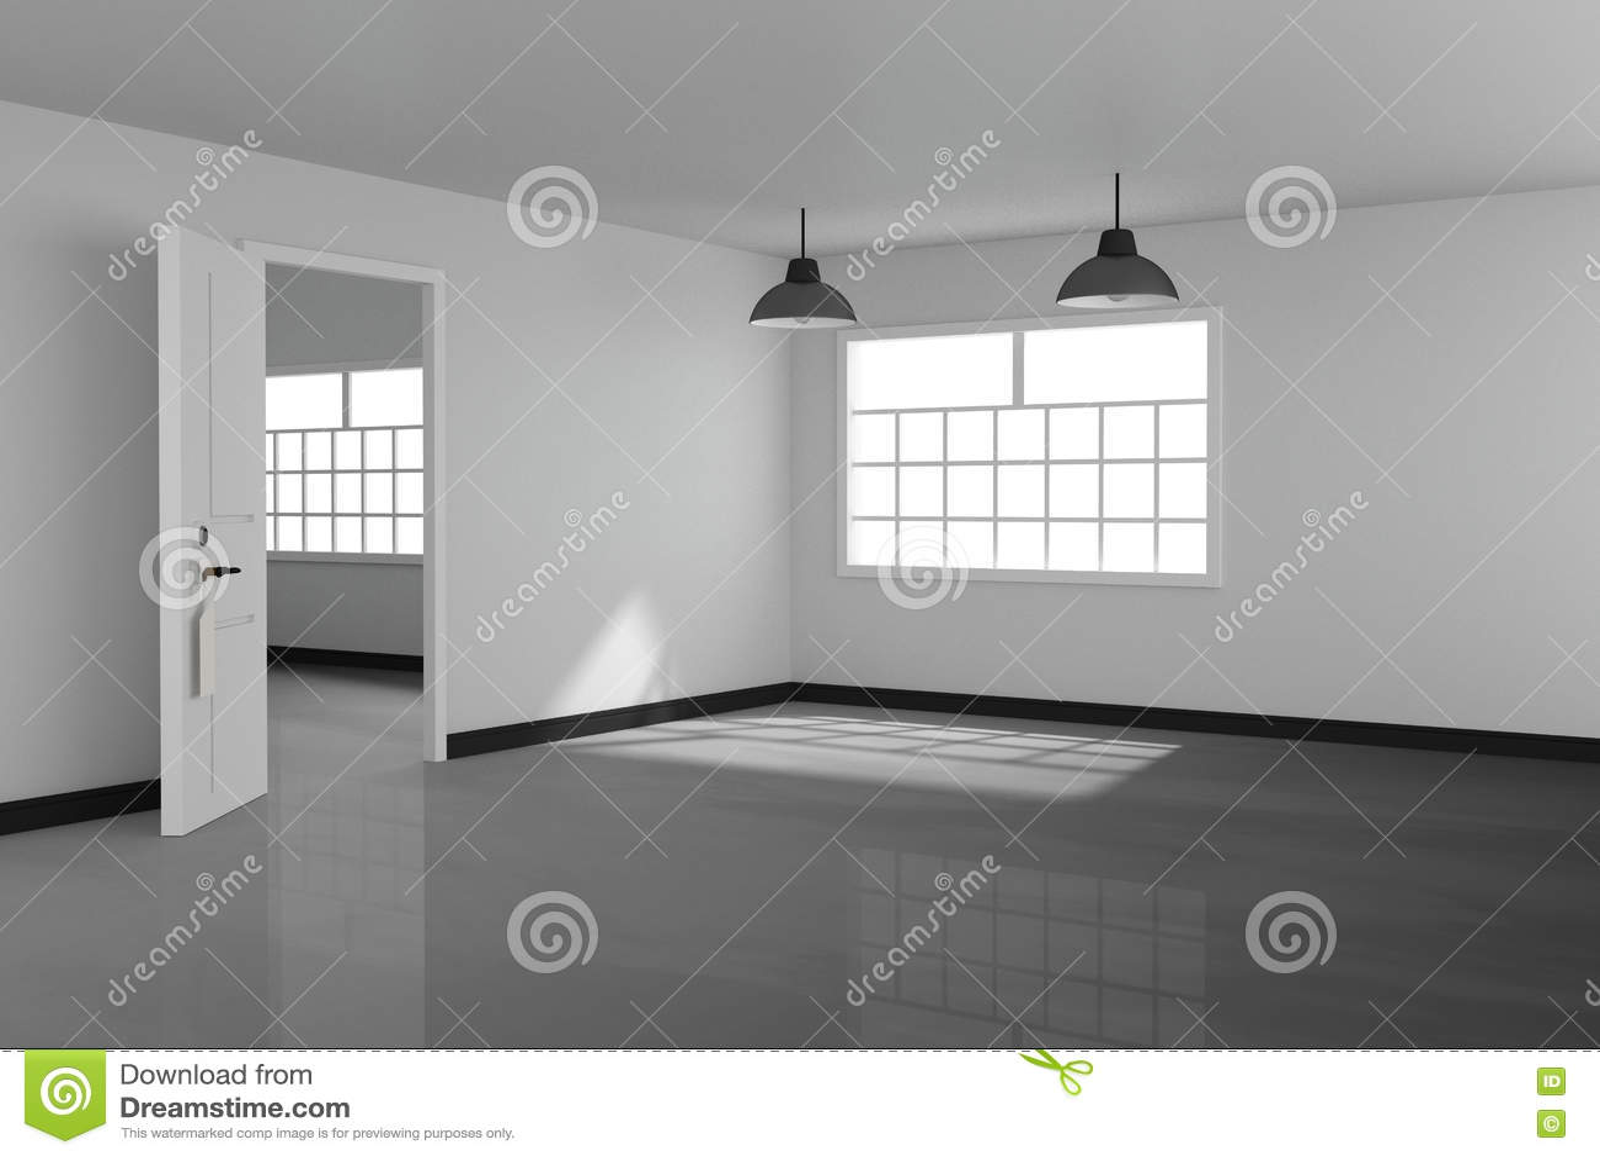 Wiedergabe 3D: Illustration Des Weißen Leeren Wohnzimmerinnendesigns ...